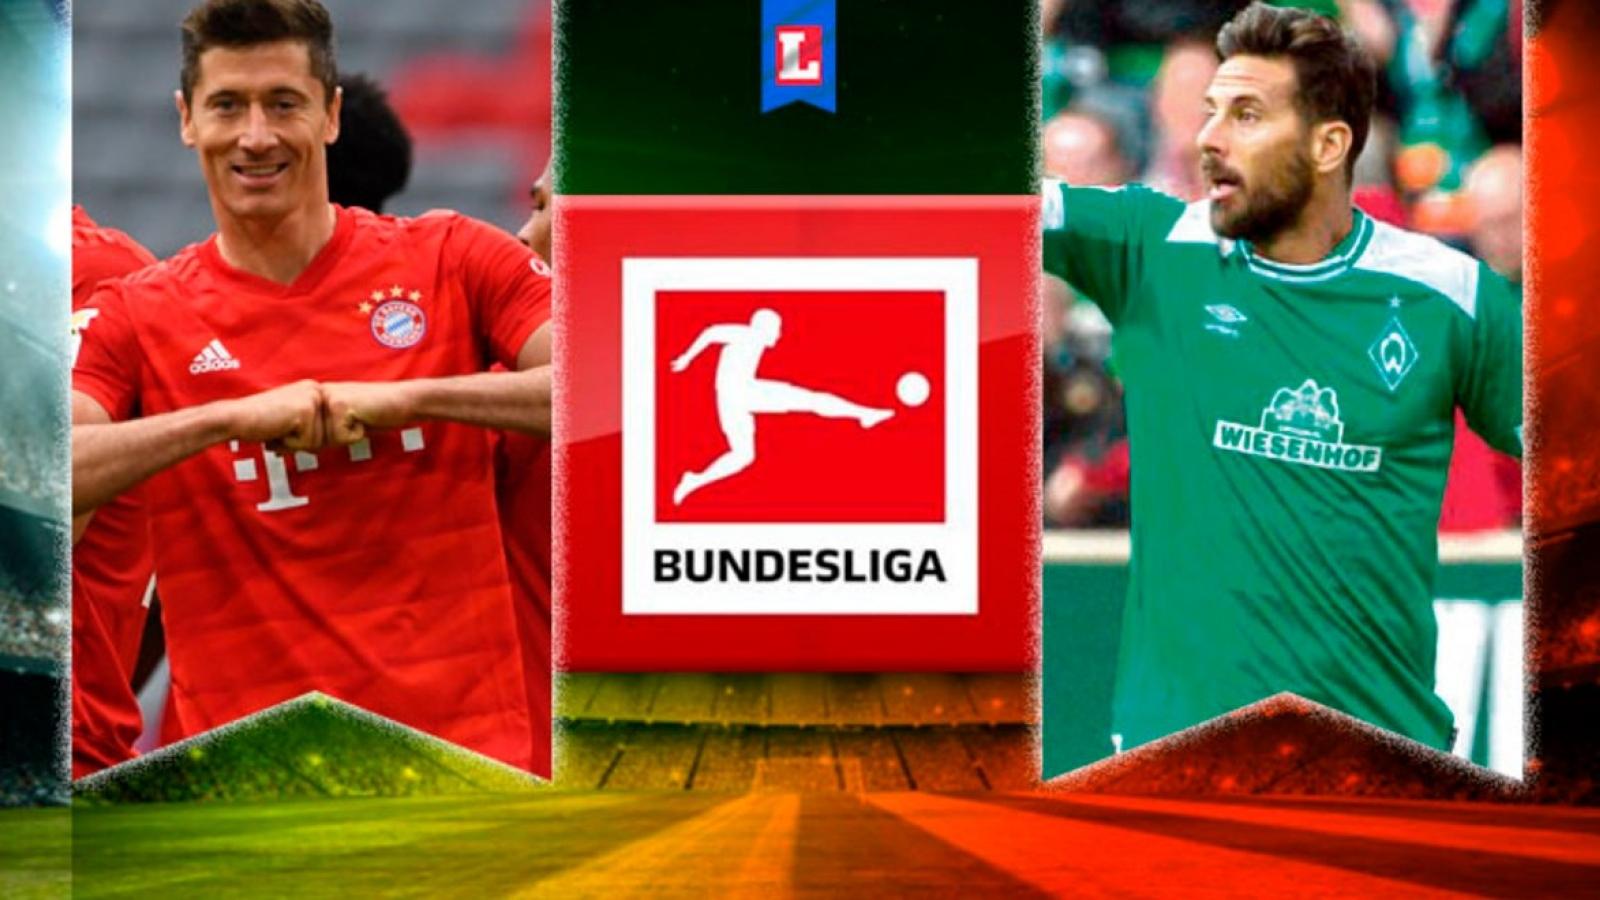 """Đội hình dự kiến giúp Bayern """"hạ đẹp"""" Bremen để lên ngôi vô địch Bundesliga"""